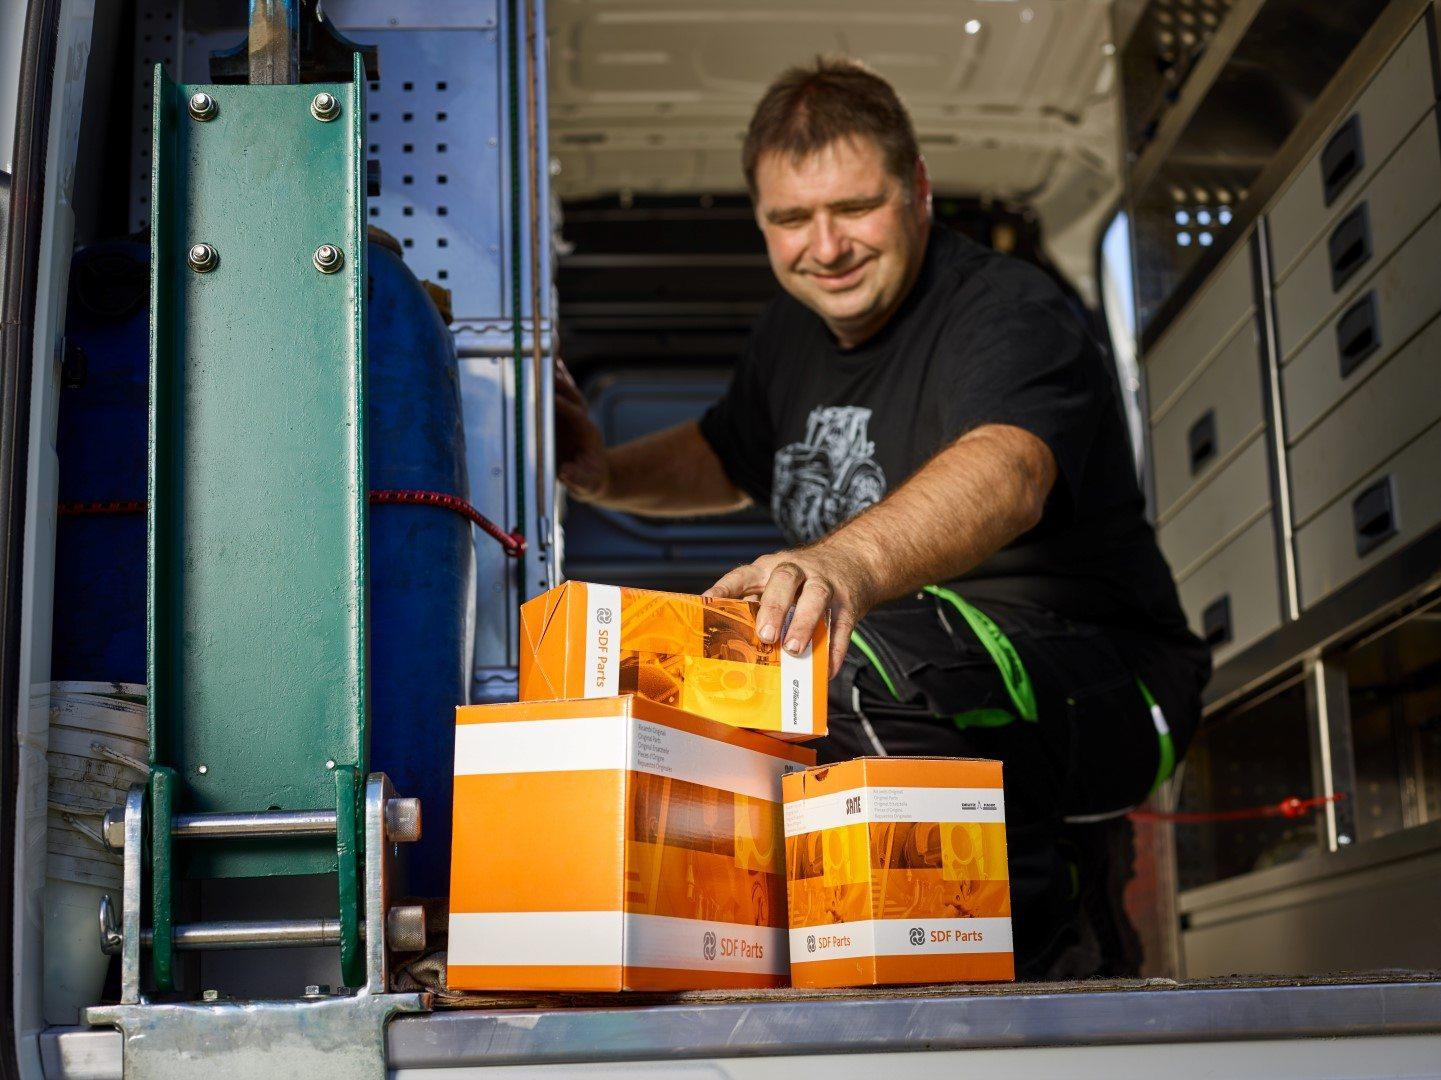 Servicetechniker mit SDF parts Ersatzteilen im Servicebus